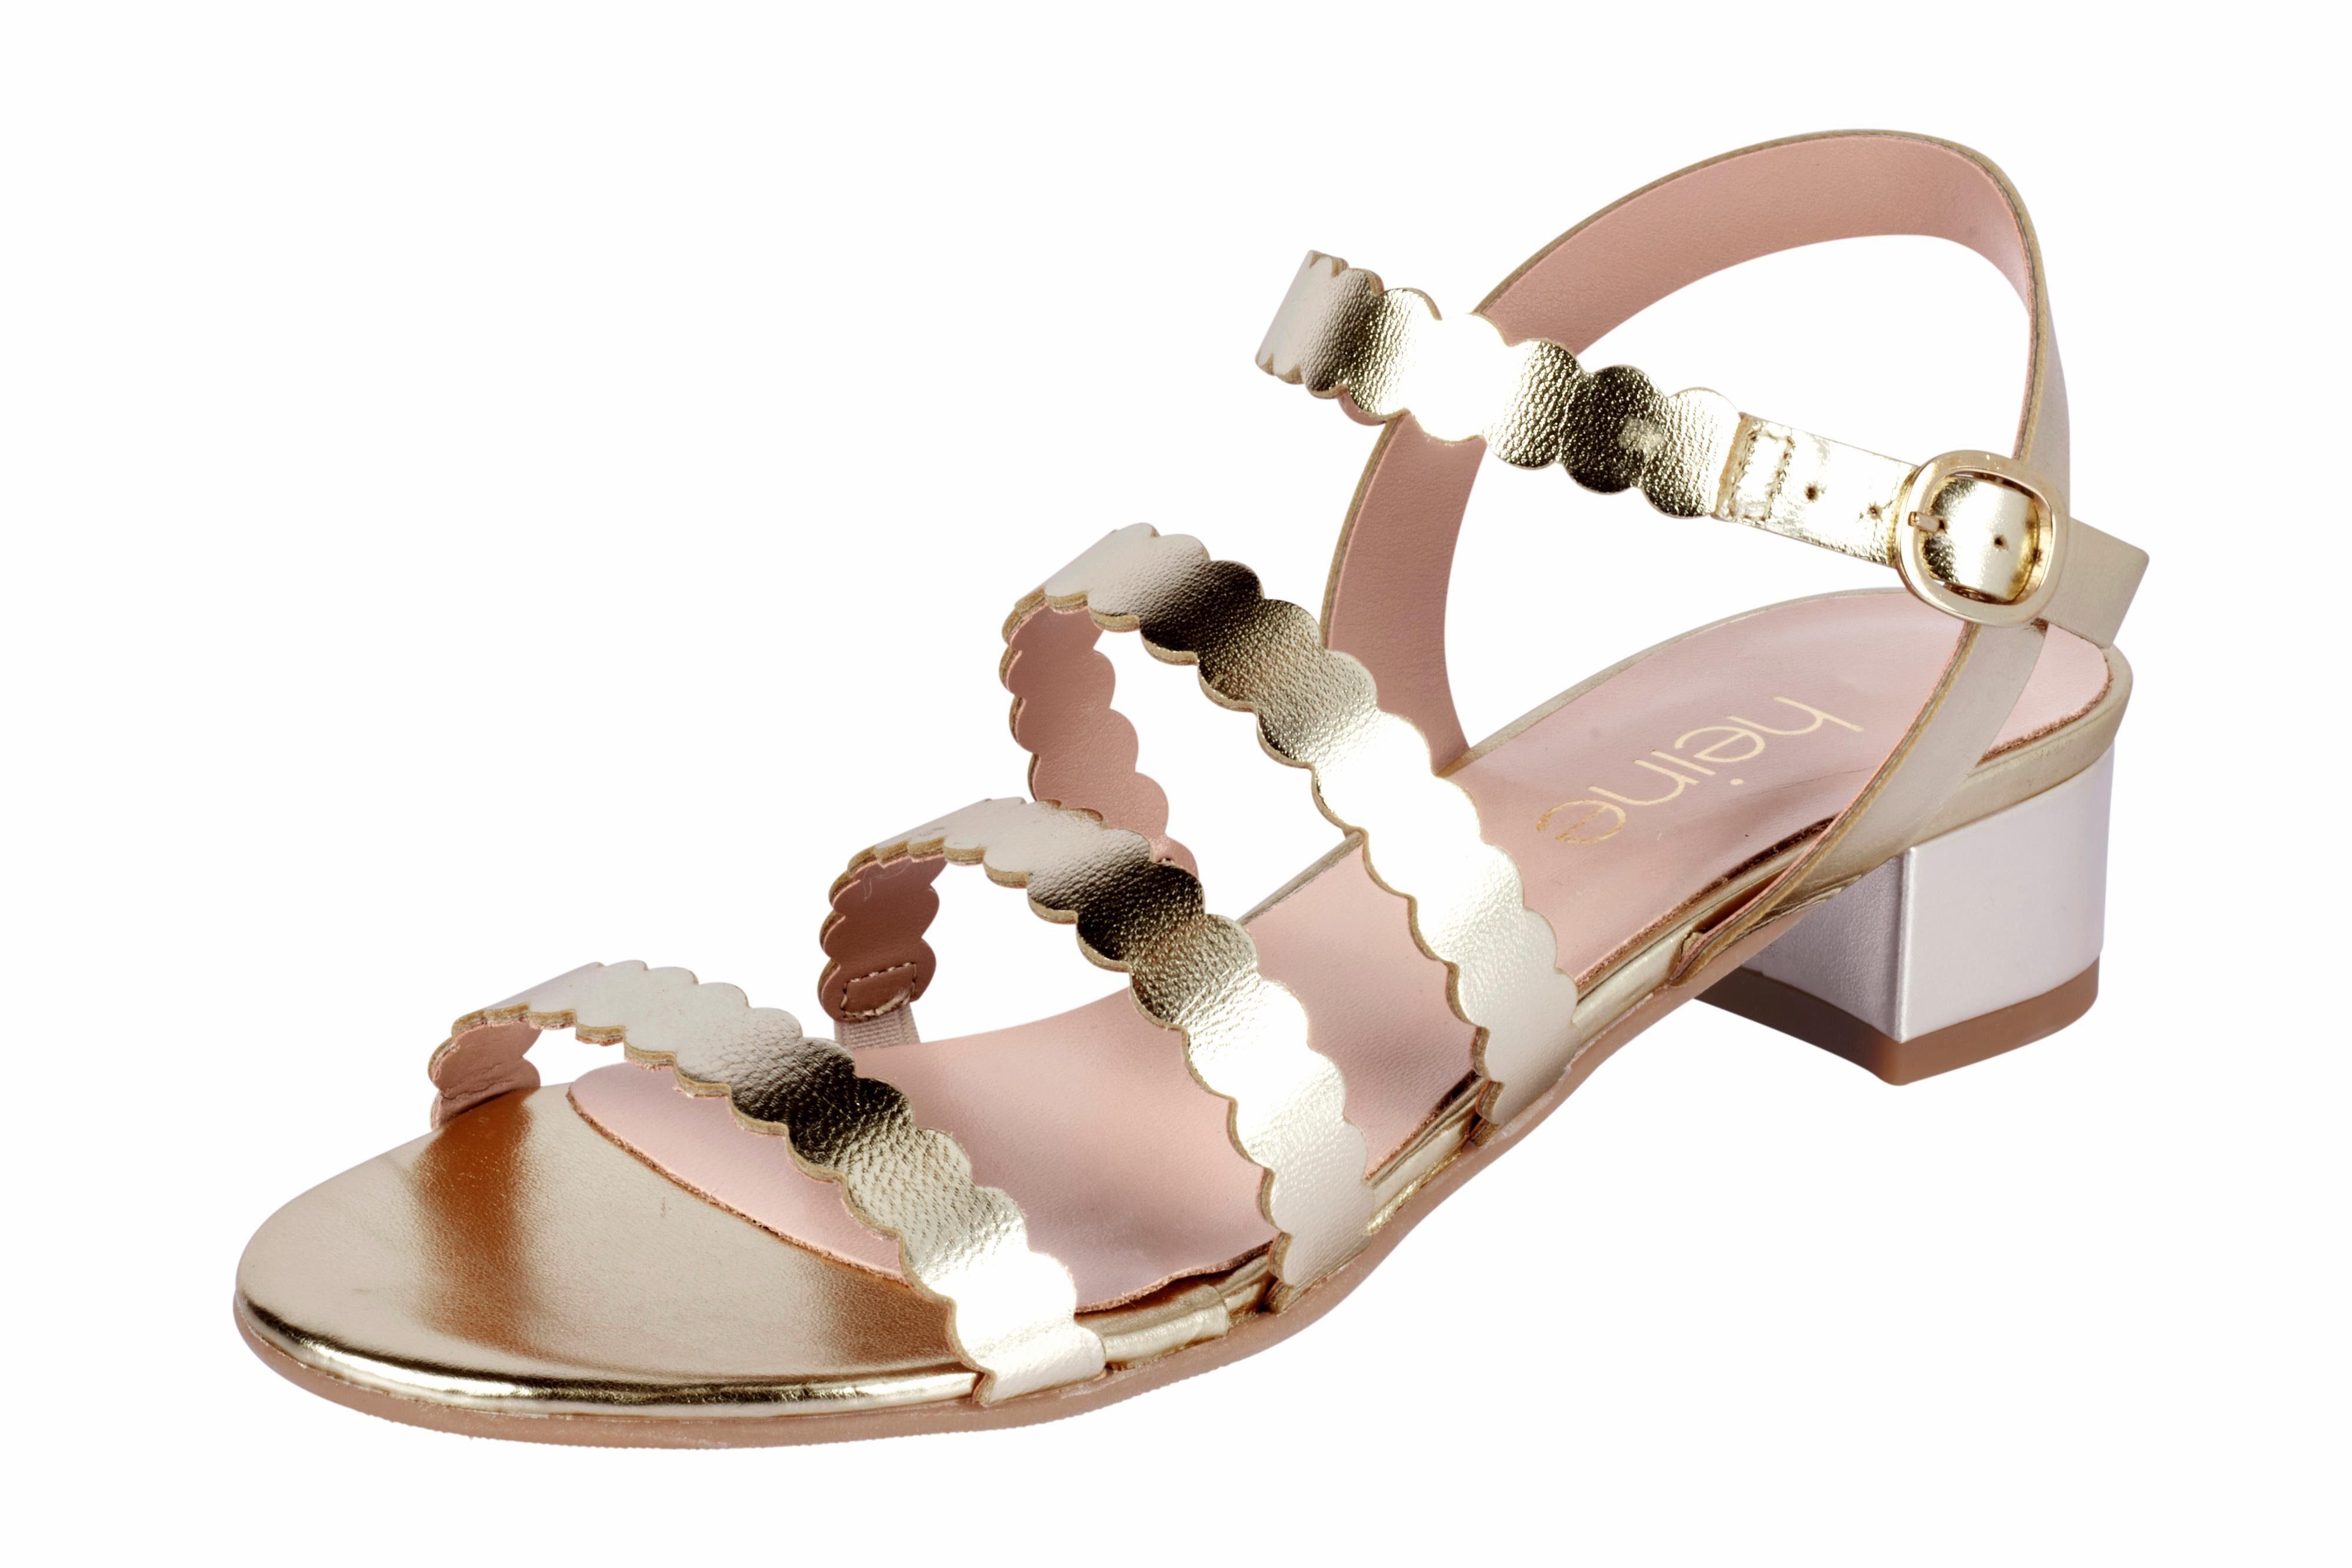 Heine Sandalette mit Metallic-Effekt online kaufen  goldfarben